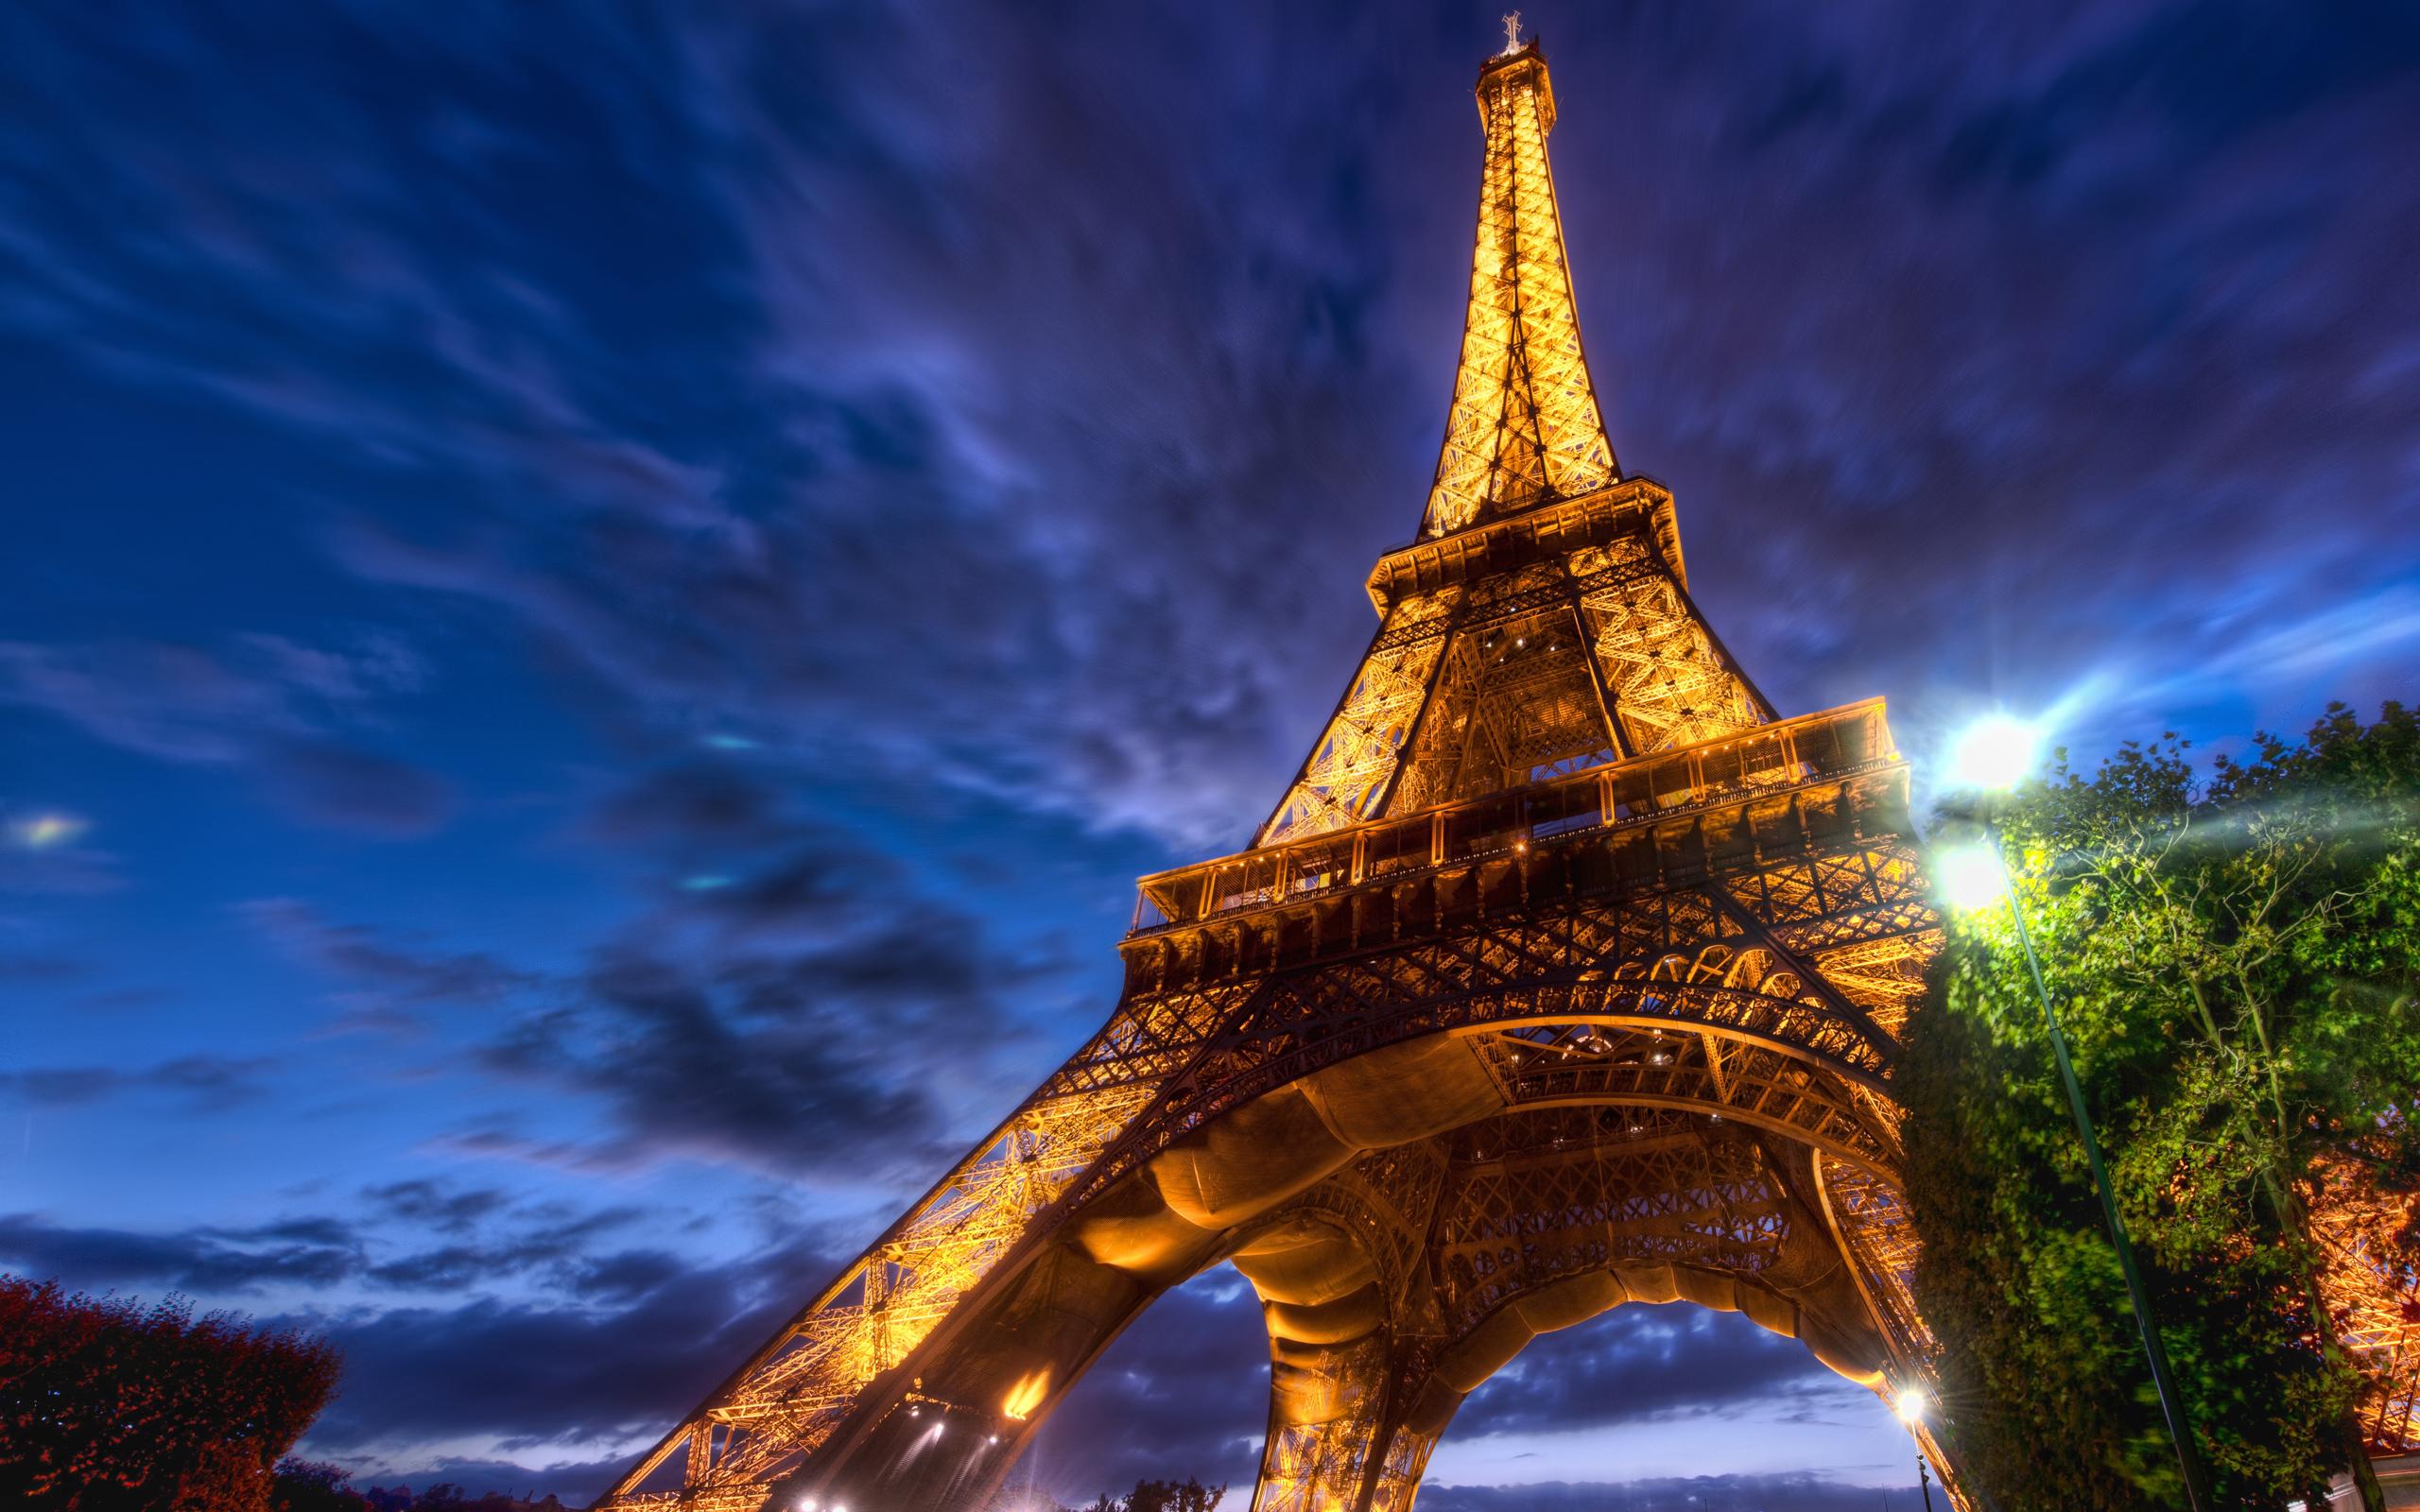 Wallpaper hd Tour Eiffel